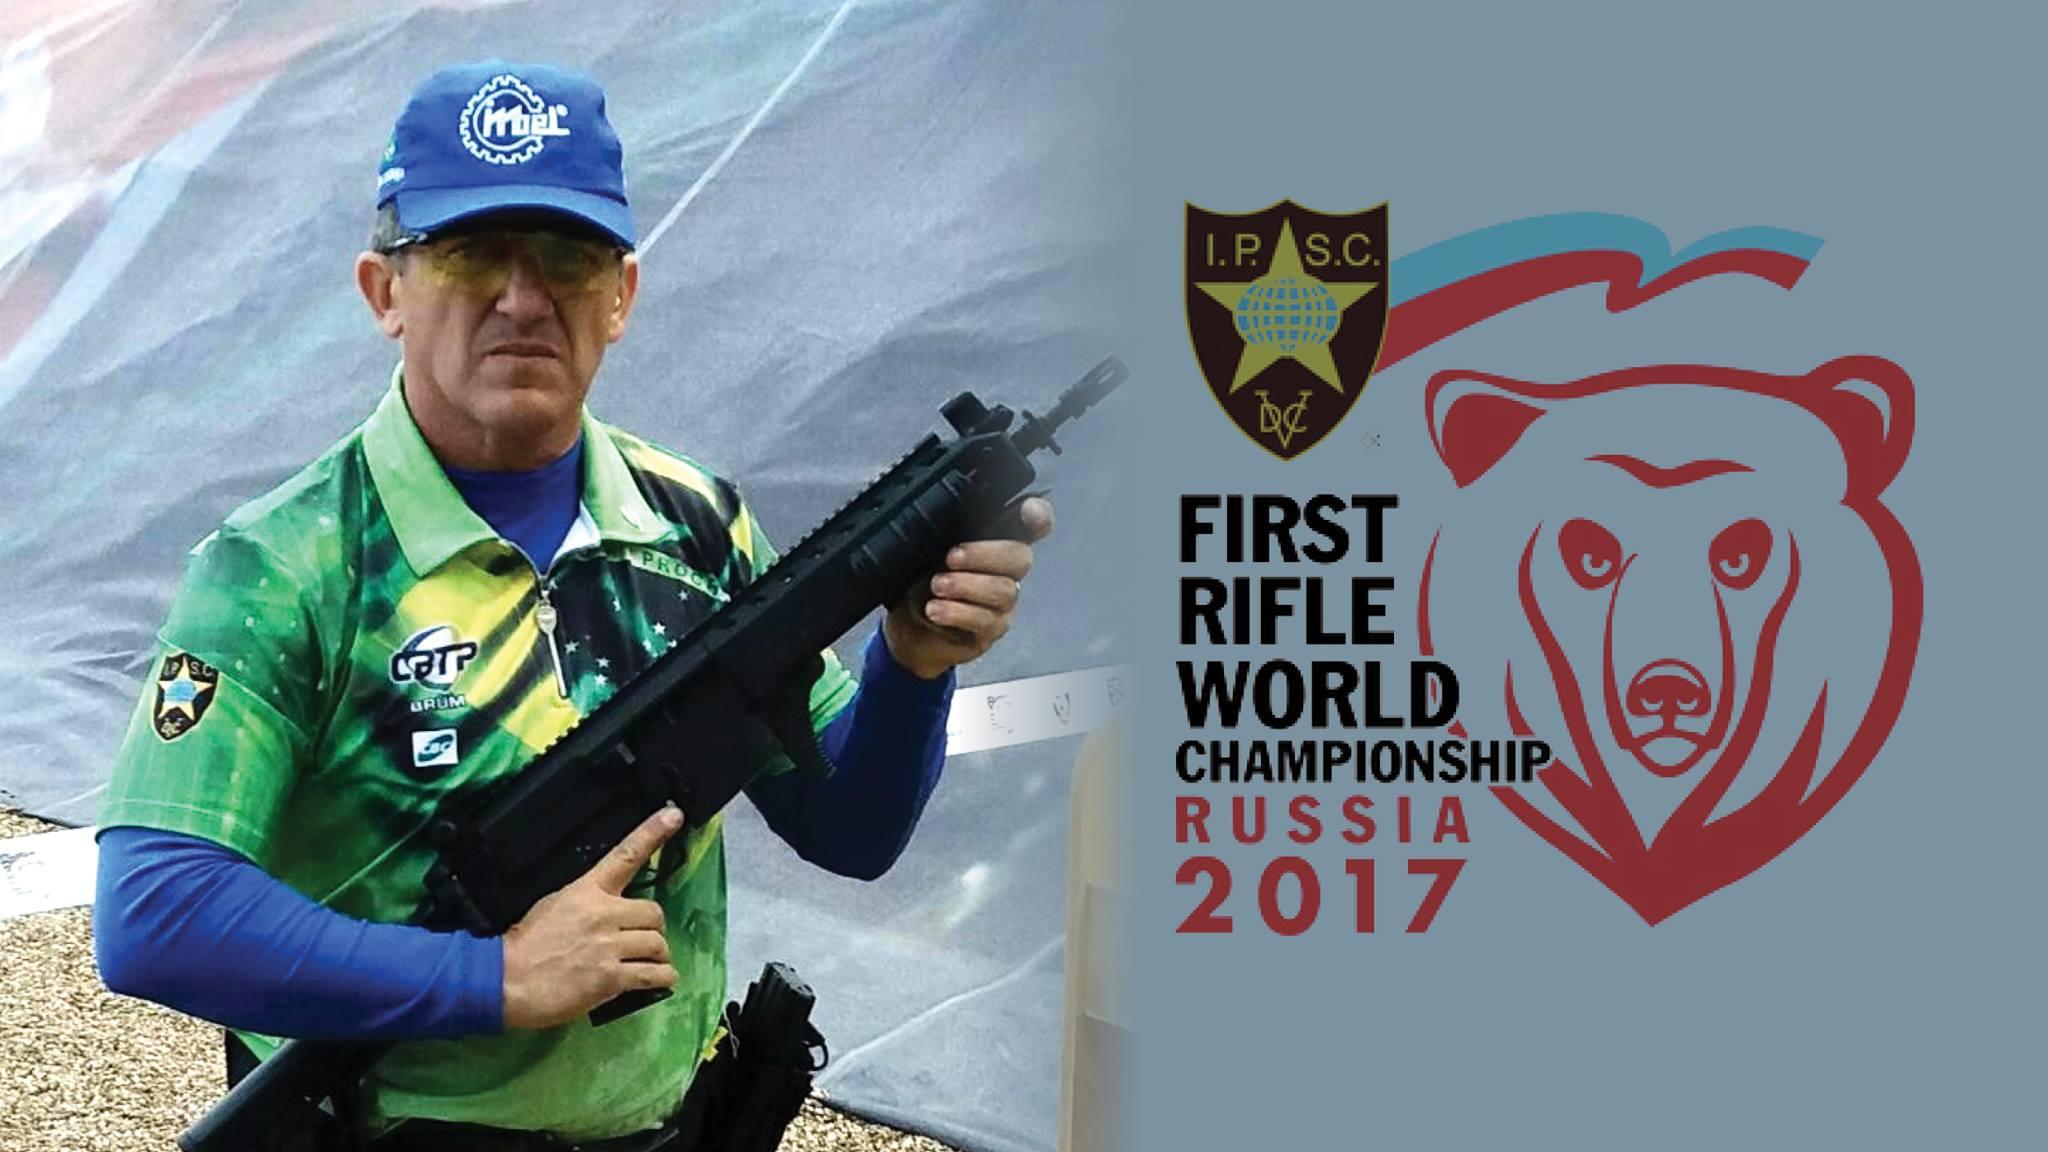 """FAB PÉ DE POEIRA: Suboficial da Força Aérea Brasileira participa da competição internacional de tiro """"First Rifle World Campionship 2017"""